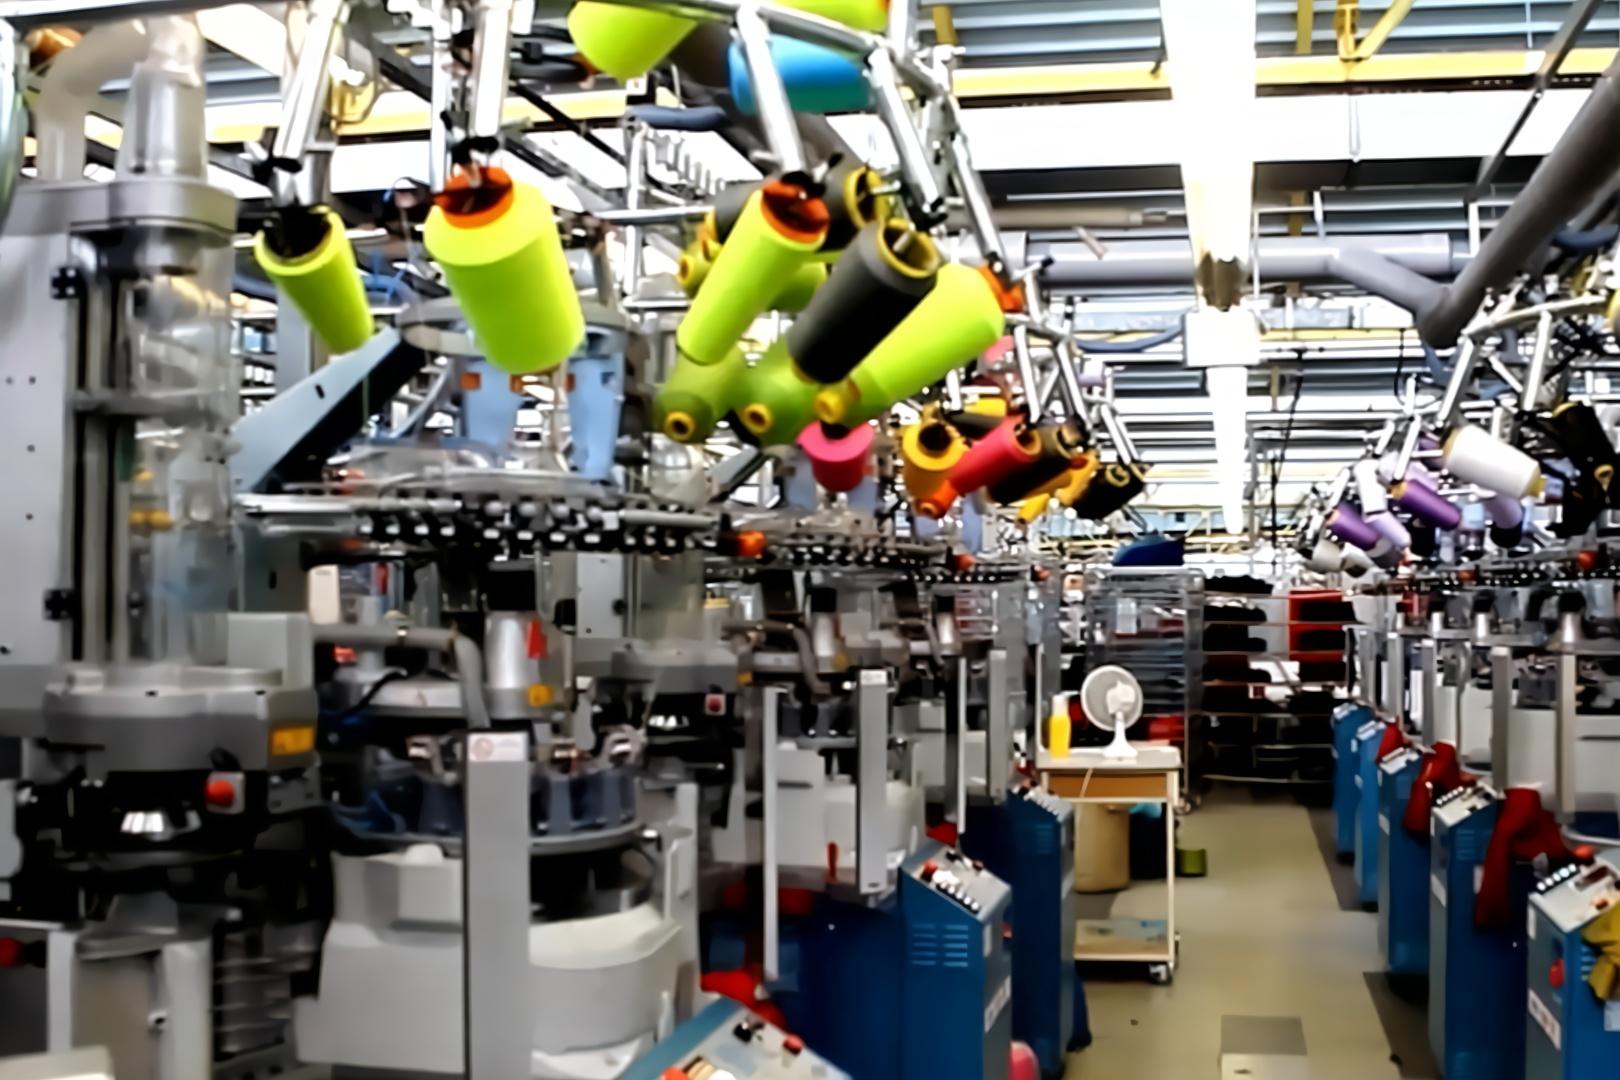 天天穿的袜子是如何制造的?看完才知道,为啥能卖这么便宜!